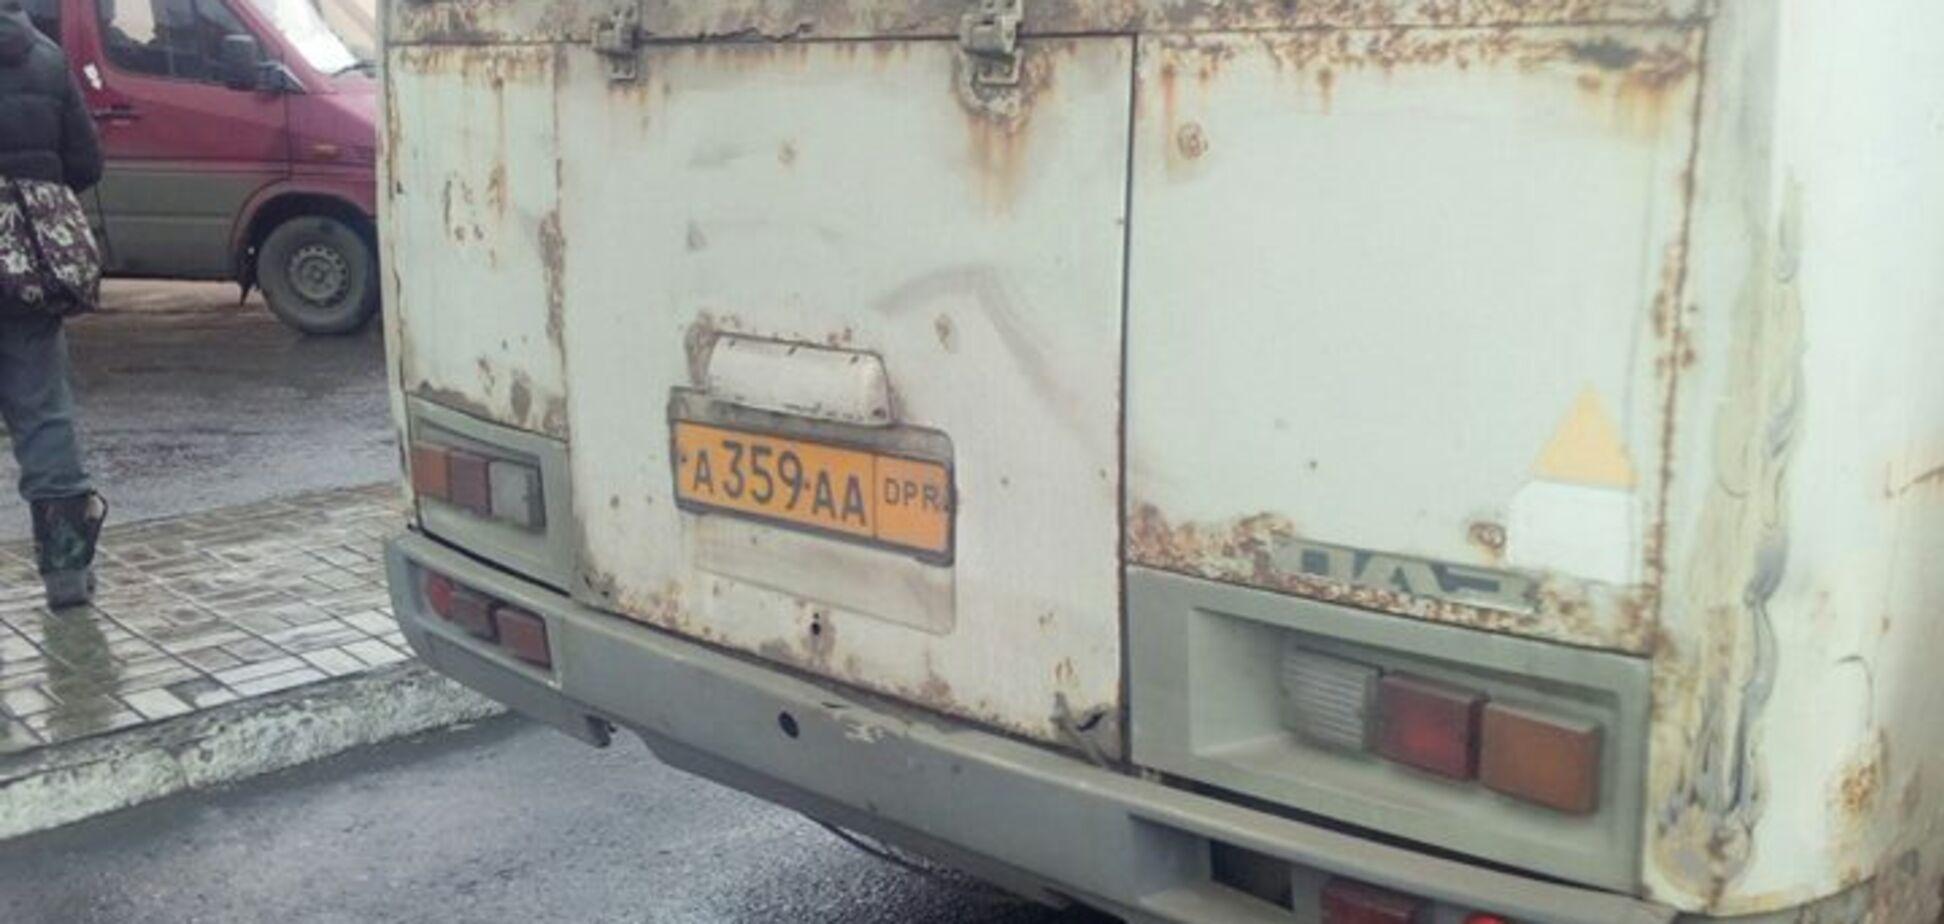 'Як в російському за*оп'ї': у мережі шокували транспортом 'ДНР' від 'міцних господарників'